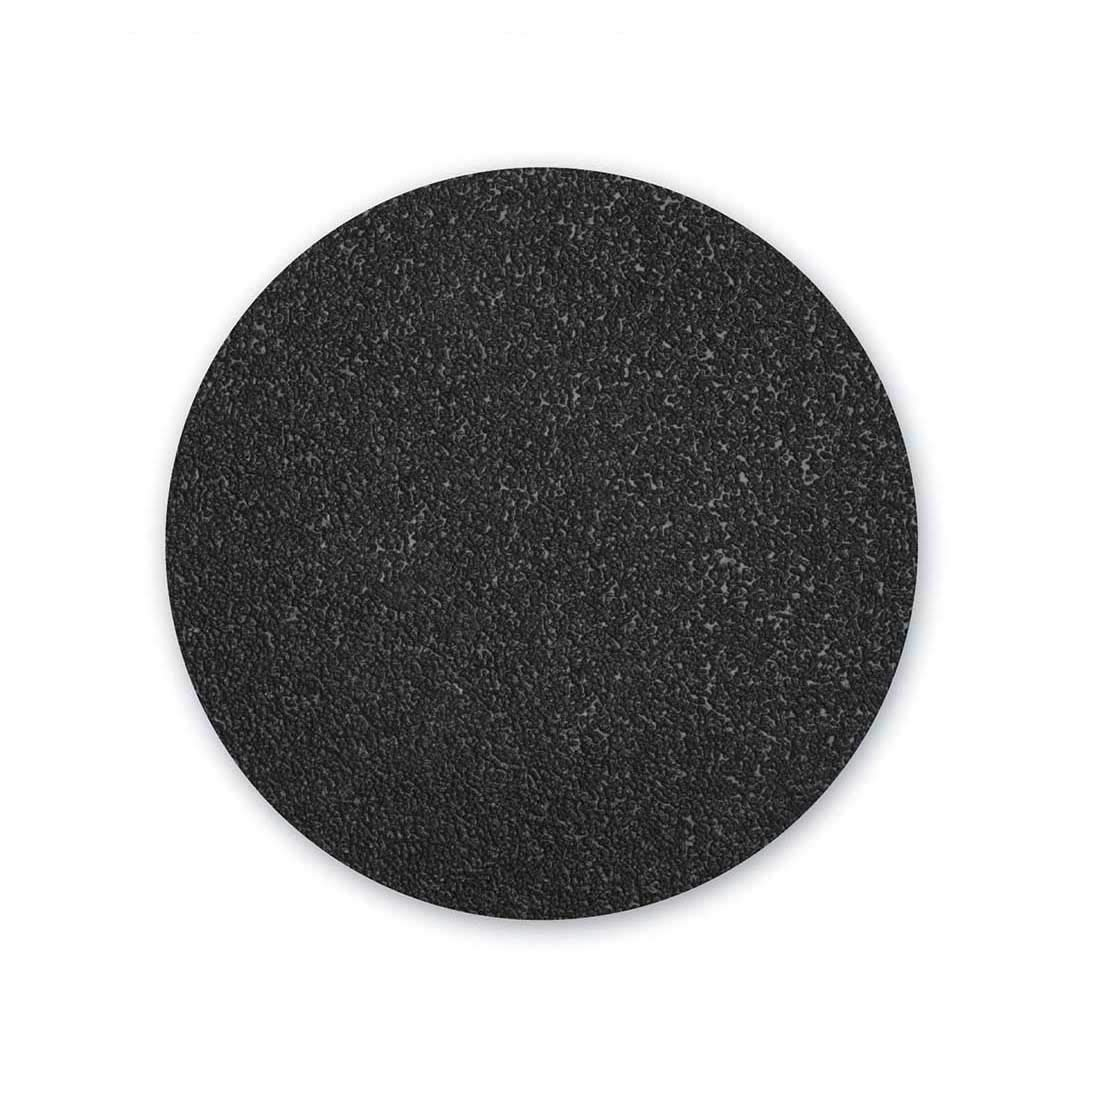 10 Abrasivos negras con velcro de MENZER para lijadoras de pared y lijadoras jirafas /Ø 225 mm granulado 16